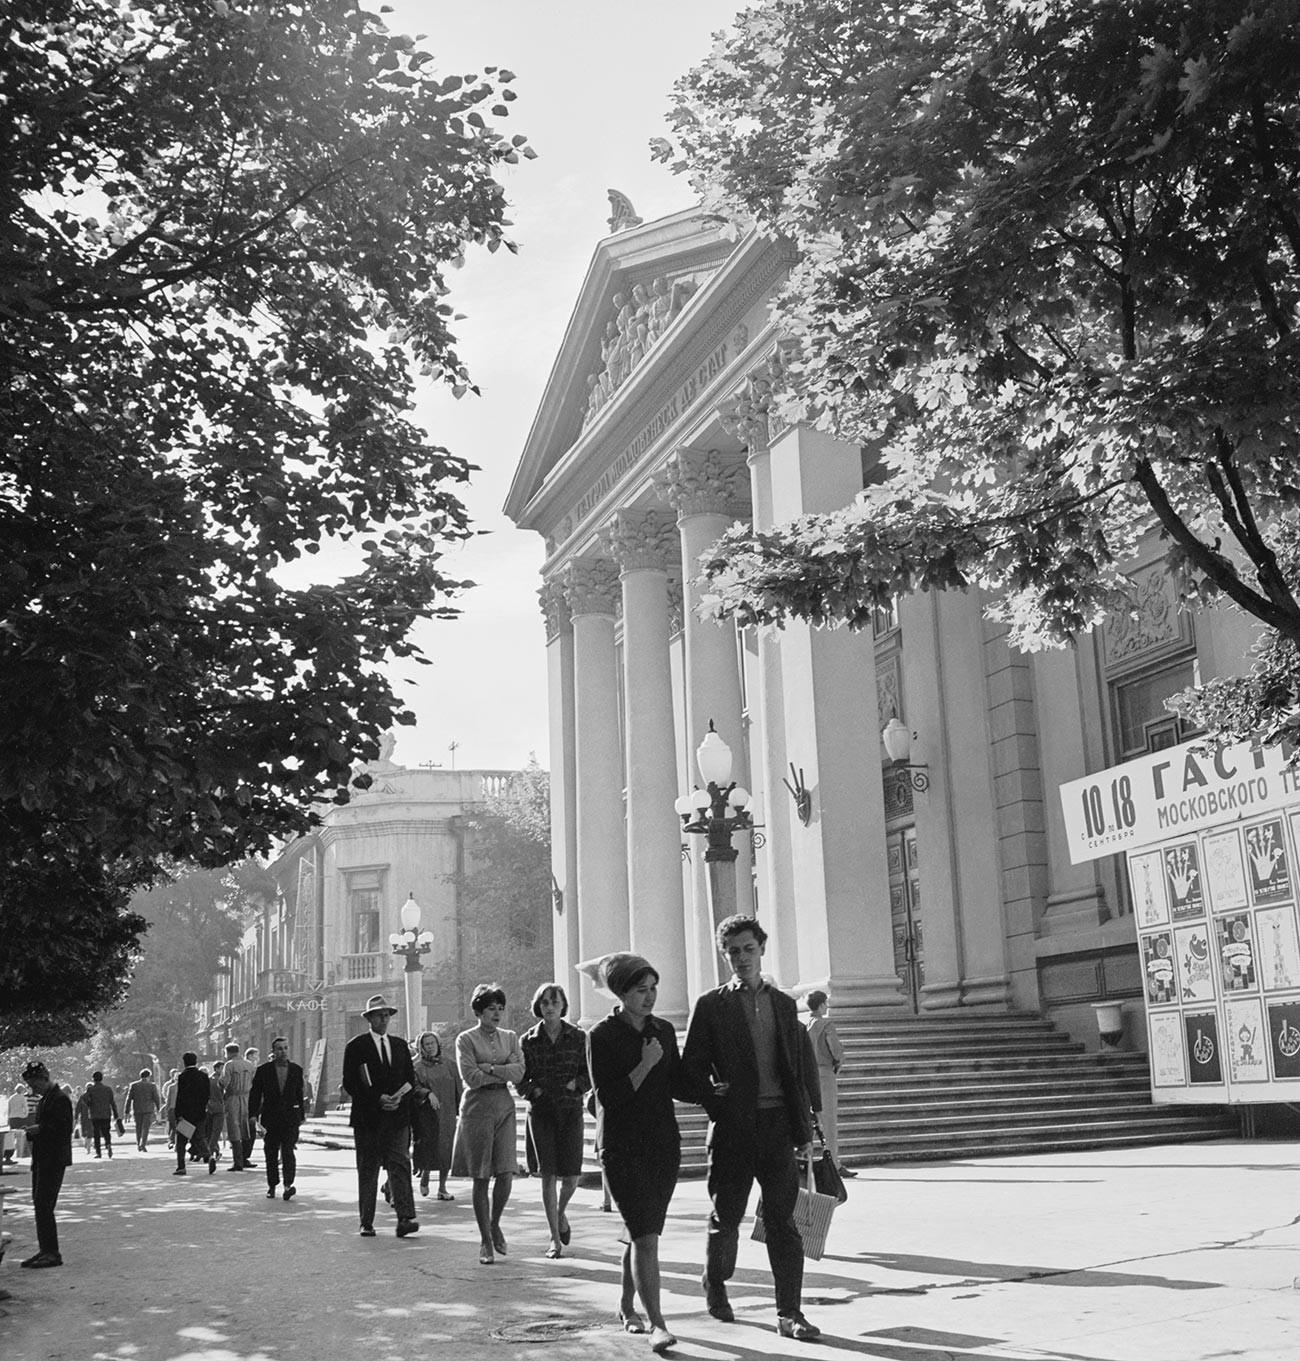 A.S. Puschkin-Theater in der Lenin Allee, Chișinău, 1960er Jahre